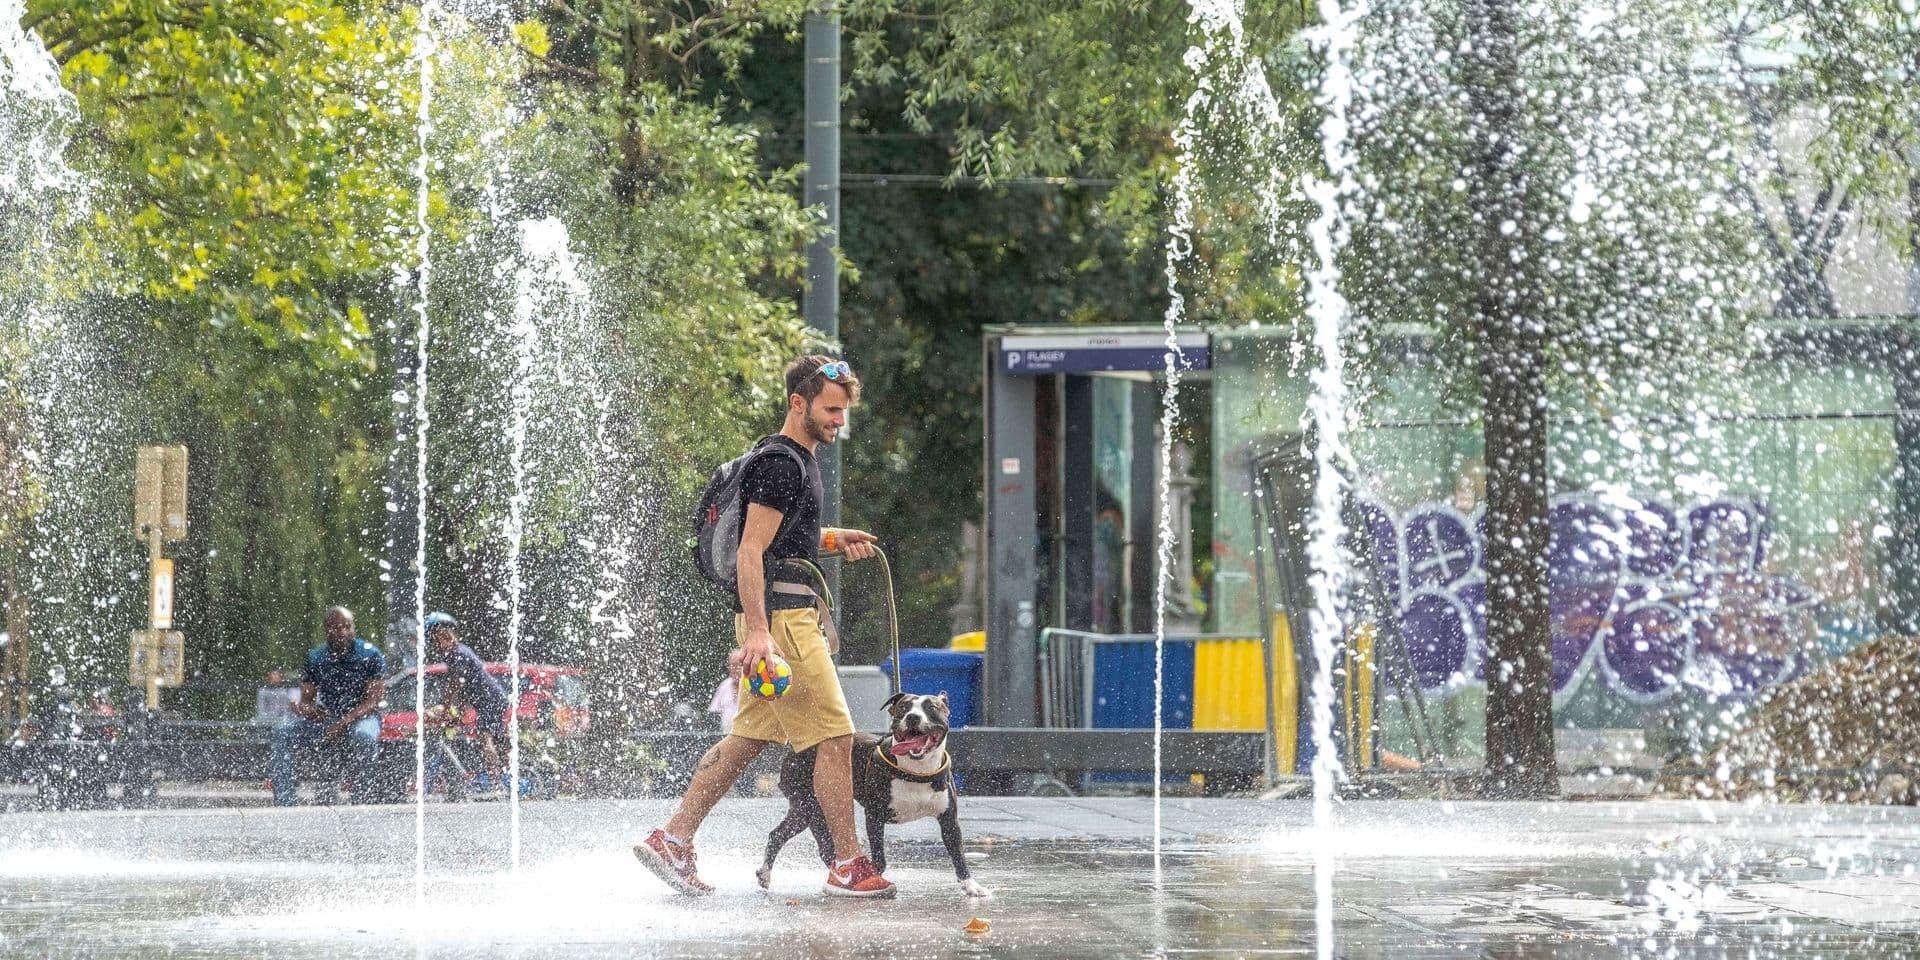 La canicule va frapper la Belgique: quelques astuces gourmandes pour lutter contre la chaleur